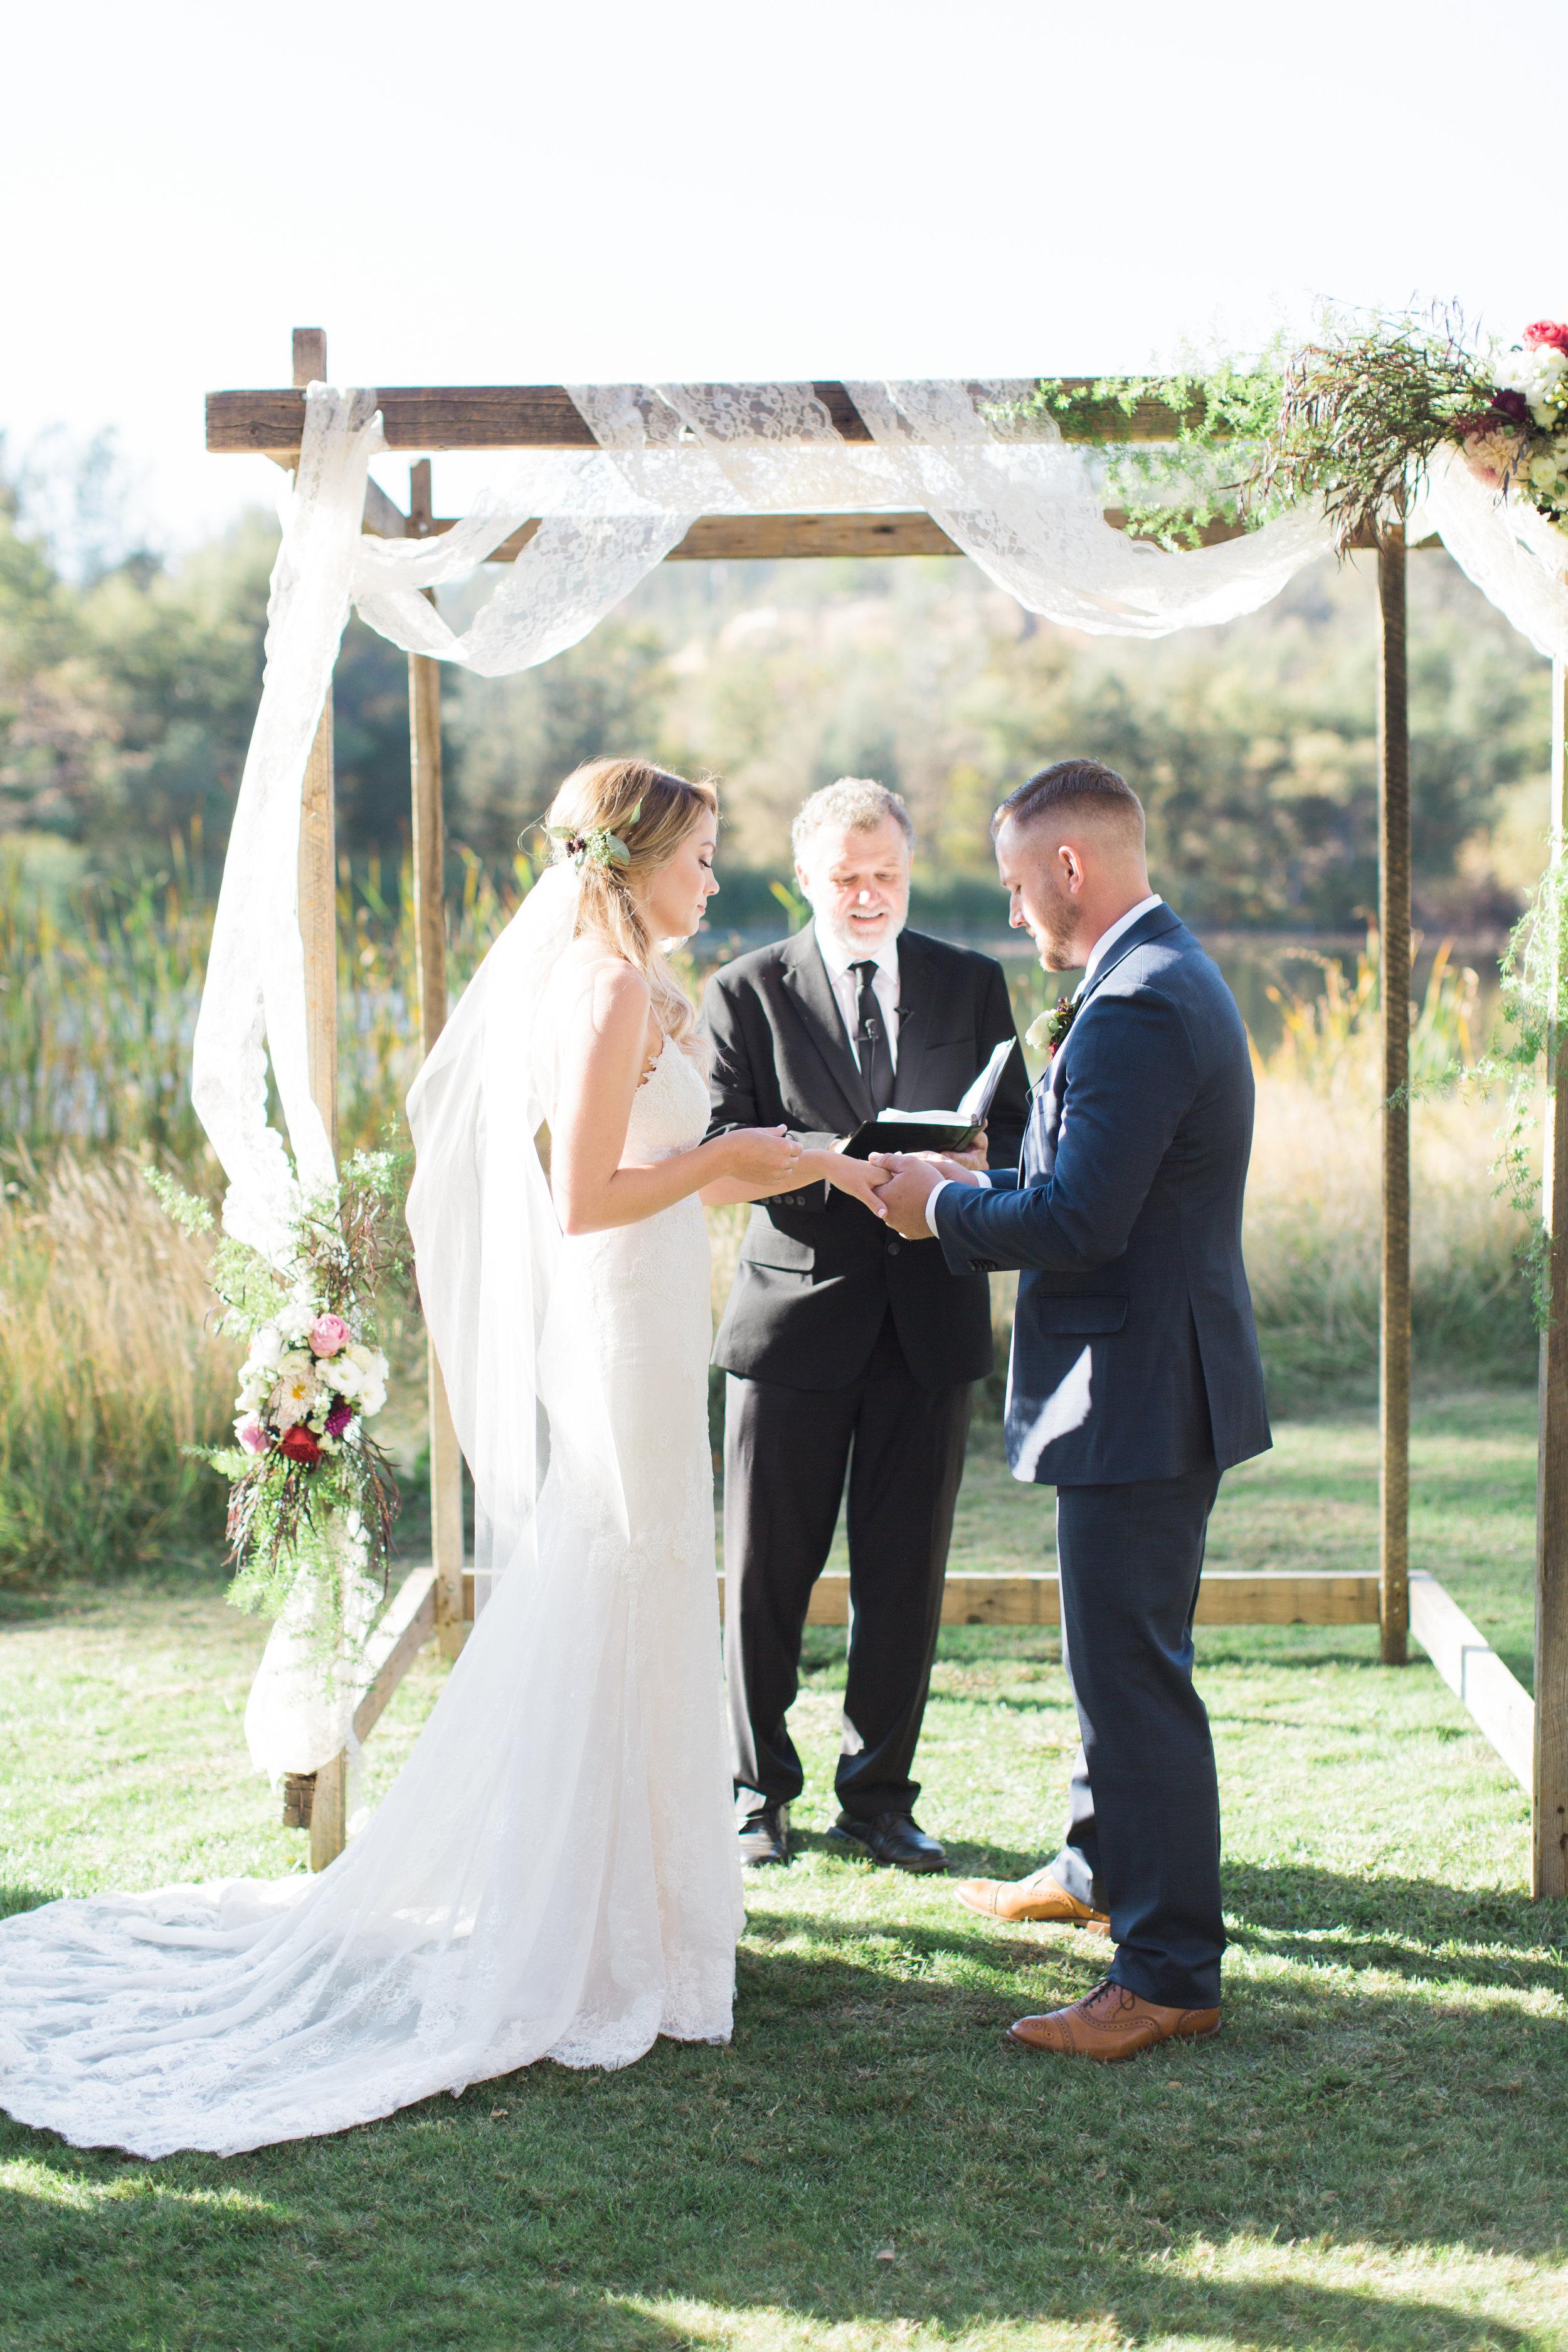 dillon+stephanie-wedding-64.jpg